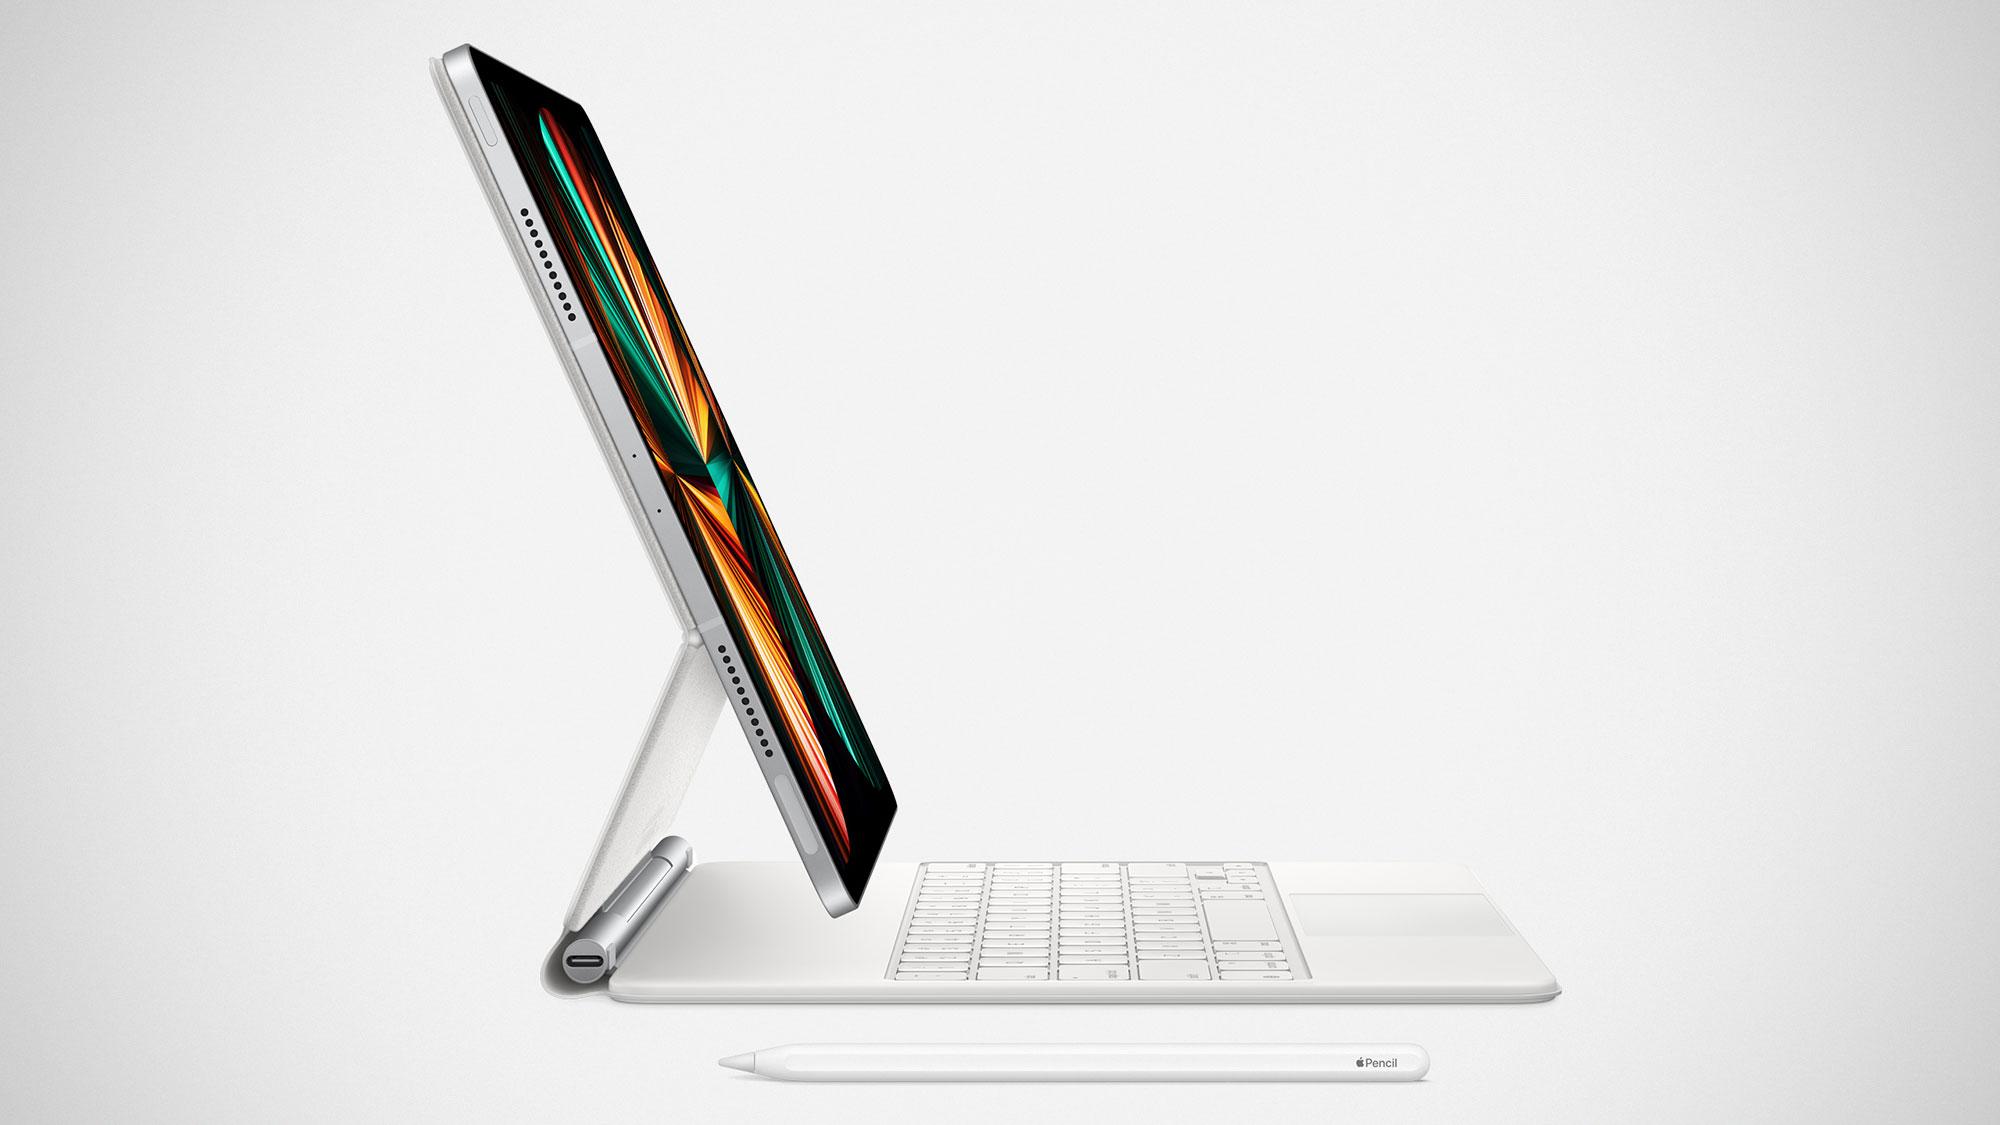 2021 Apple iPad Pro Tablet